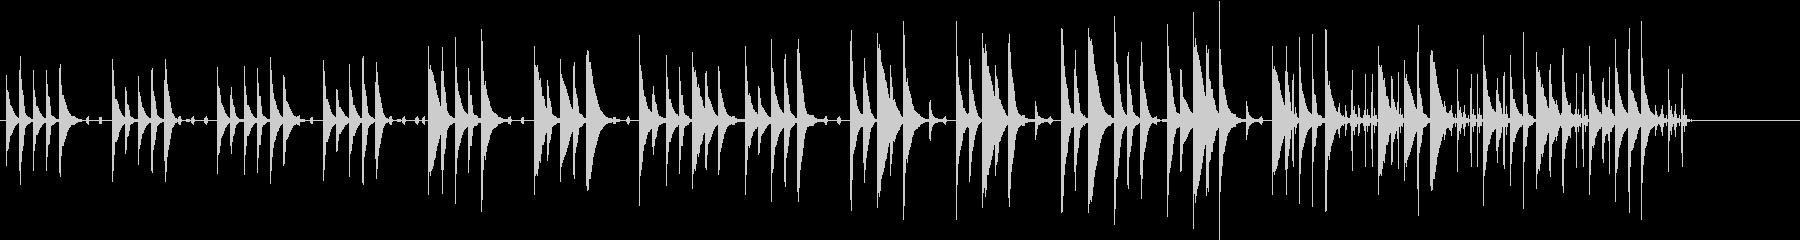 木琴がメインのほのぼのとした曲の未再生の波形